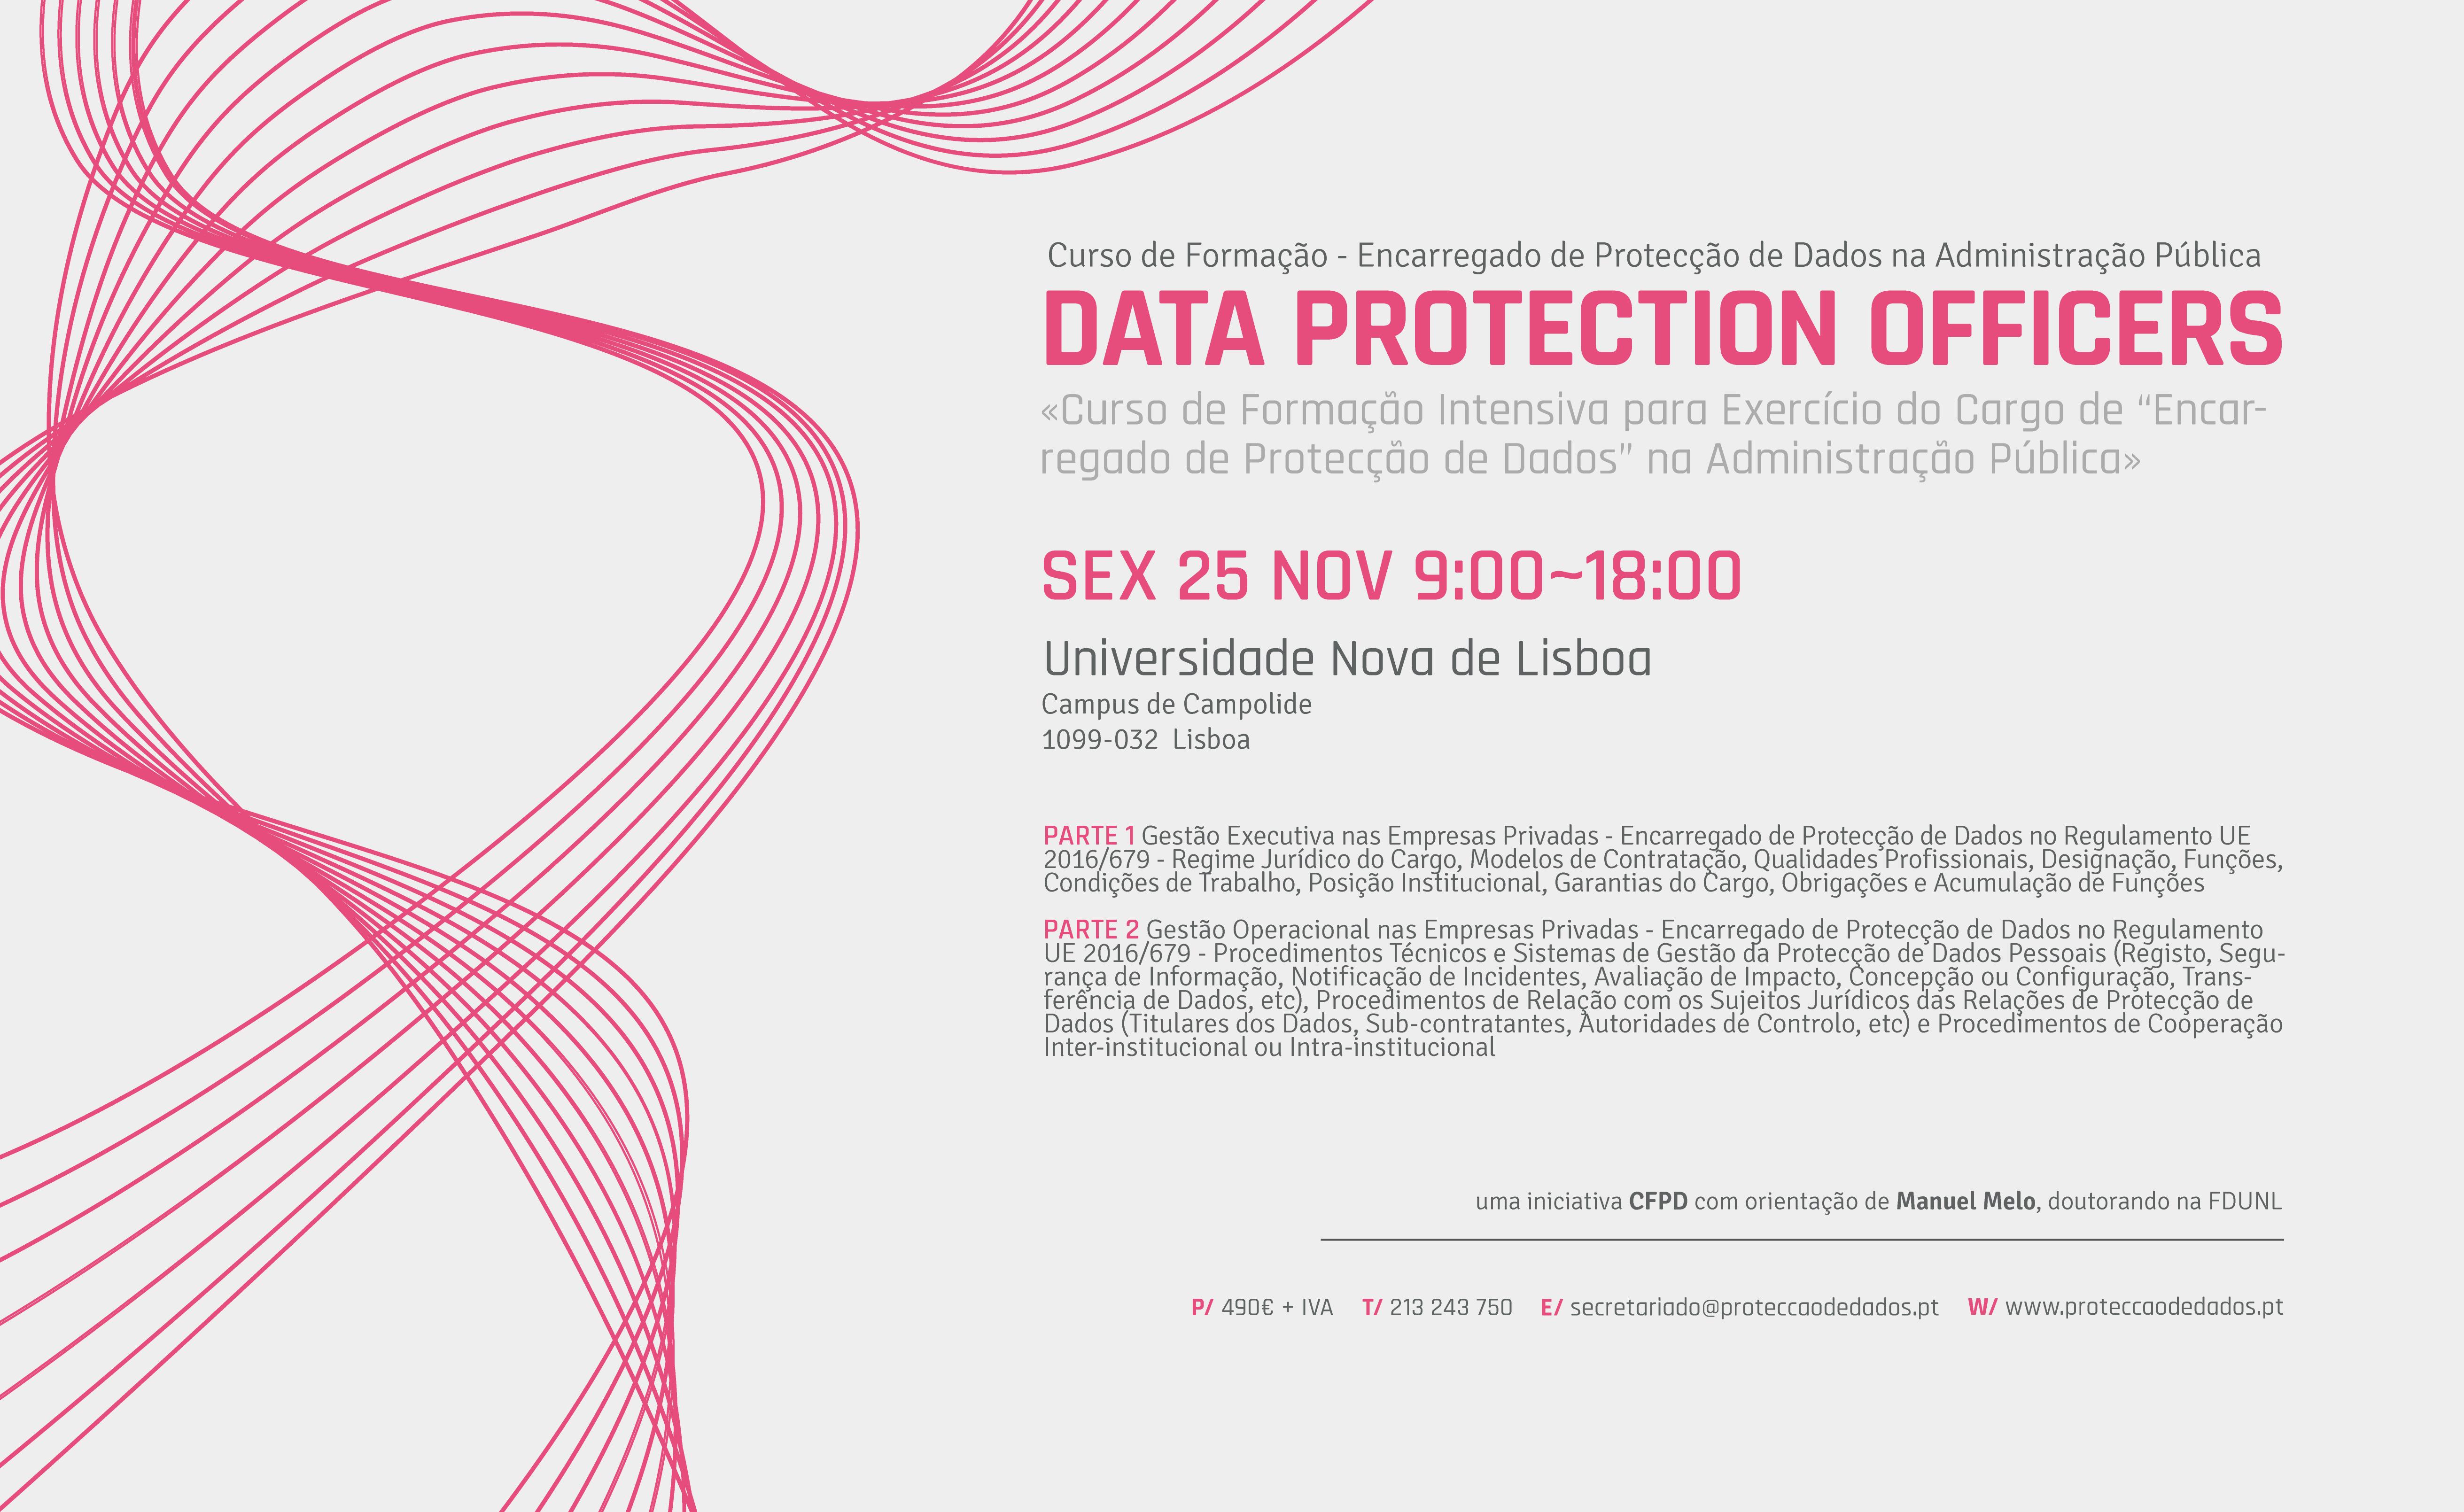 I Curso de Formação Intensiva - «Encarregado de Protecção de Dados na Administração Pública»rivadas»